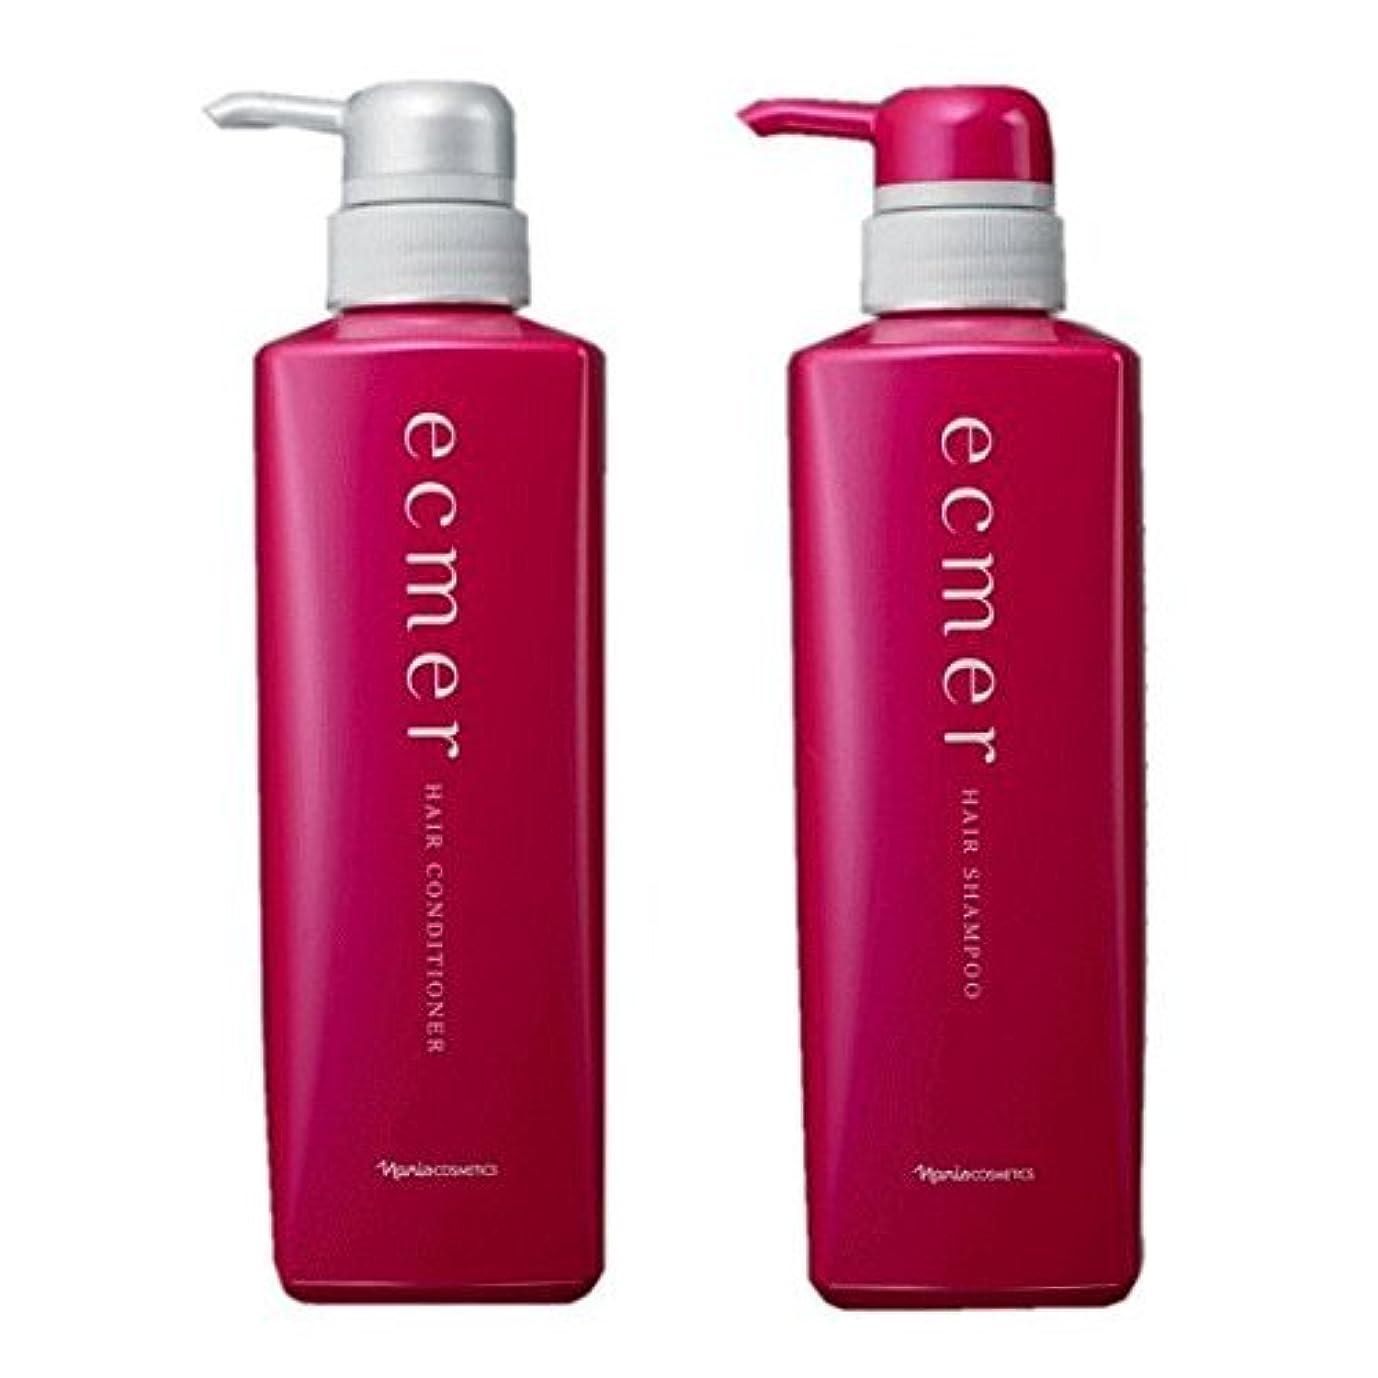 以内にケイ素一定ecmer/エクメール シャンプー&コンディショナー ナリス化粧品